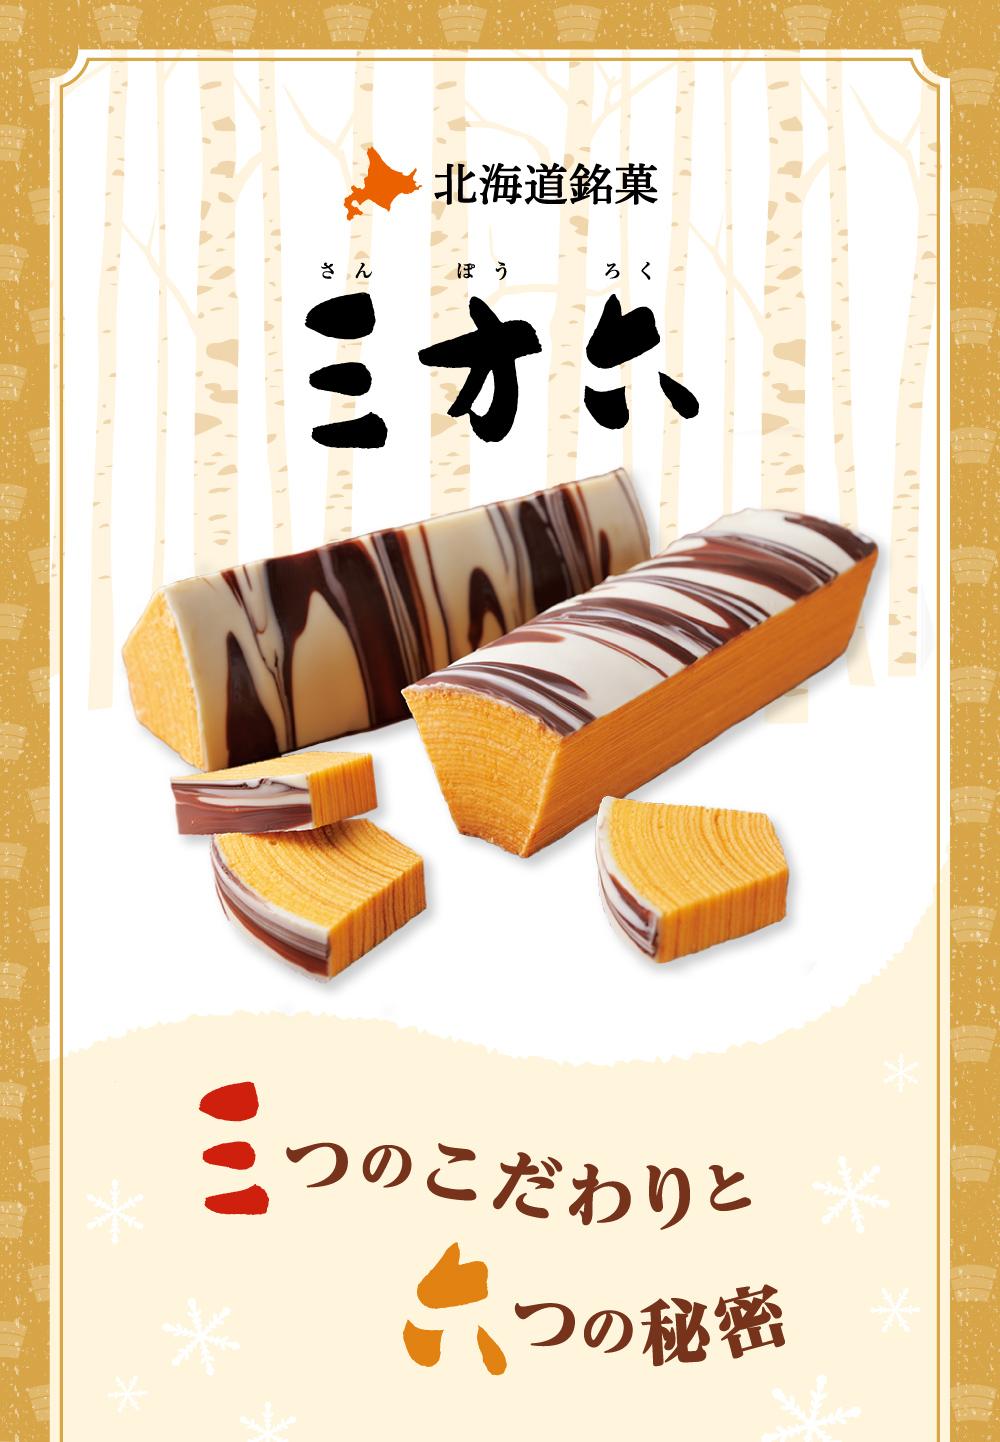 北海道銘菓 三方六 三つのこだわりと六つの秘密